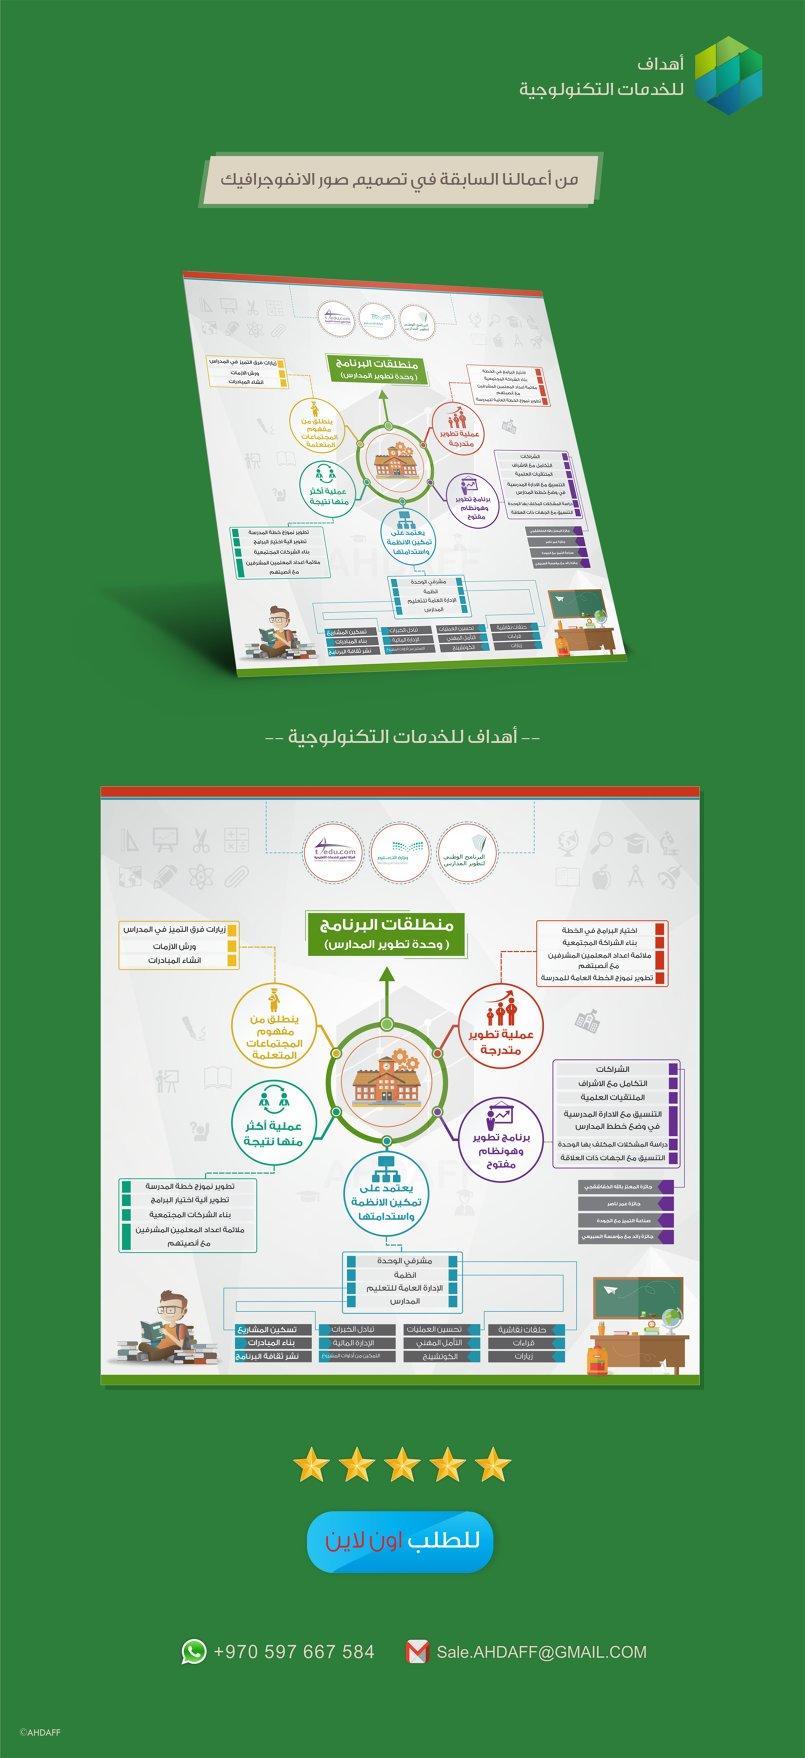 صورة انفوجرافيك - وحدة تطوير المدارس